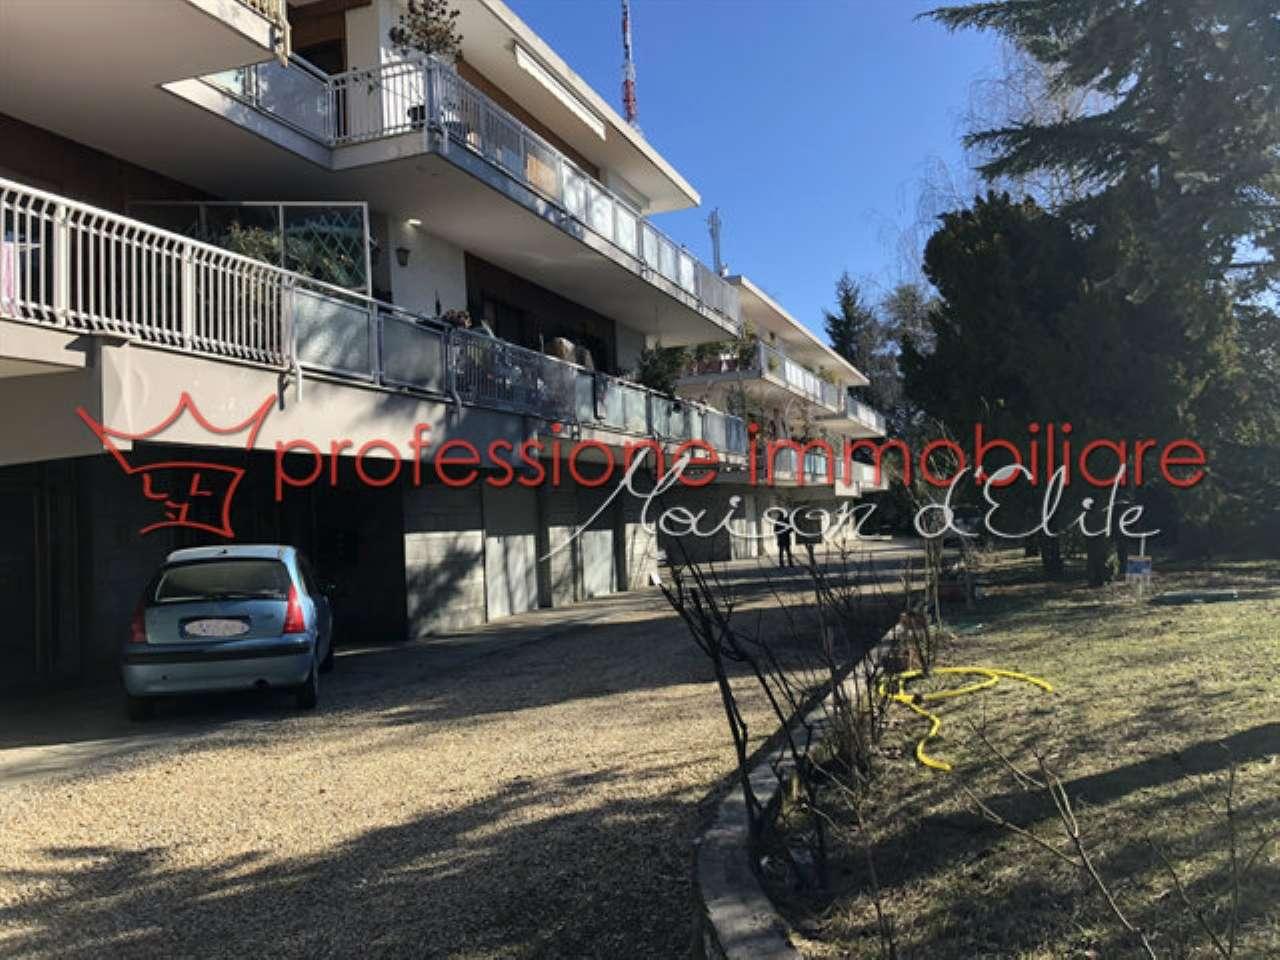 Appartamento in vendita a Pecetto Torinese, 9999 locali, prezzo € 249.000 | CambioCasa.it